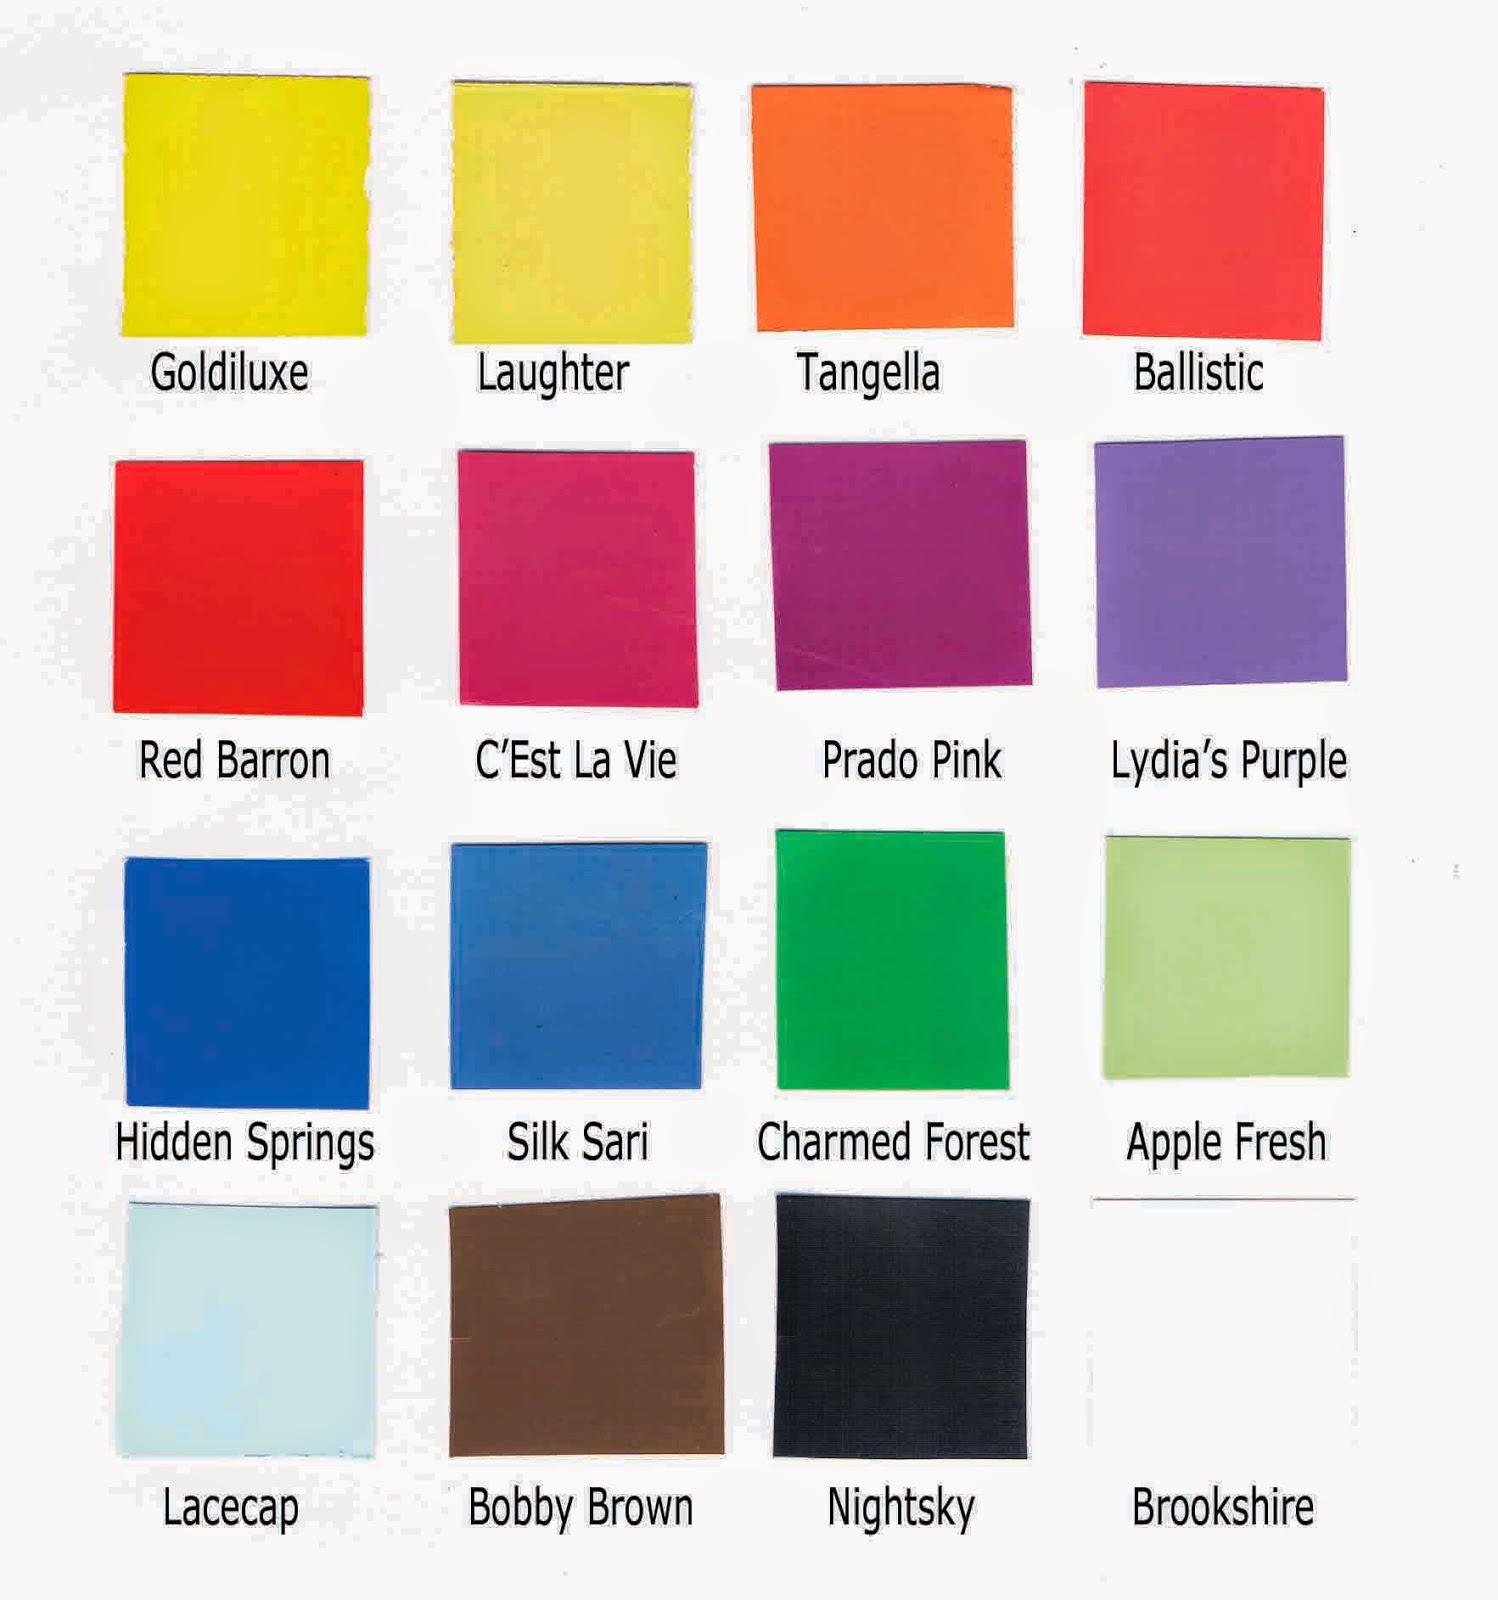 Michellecarroll Certiiigpp D3 La04 Colour Fundamentals 1 8